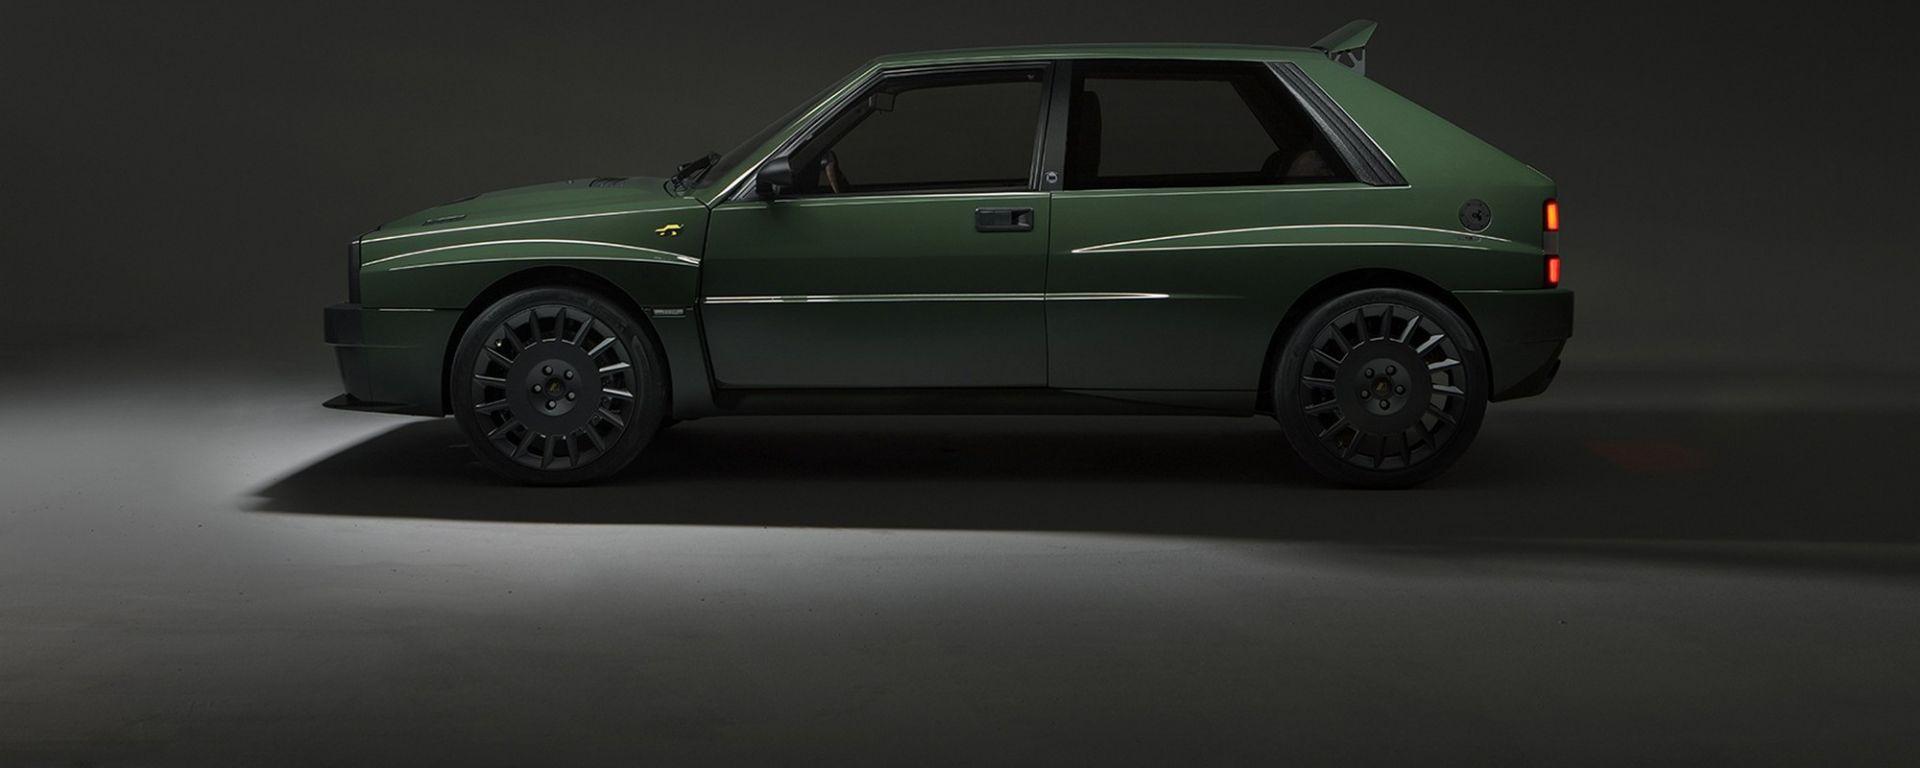 Lancia Delta Futurista, un progetto Automobili Amos